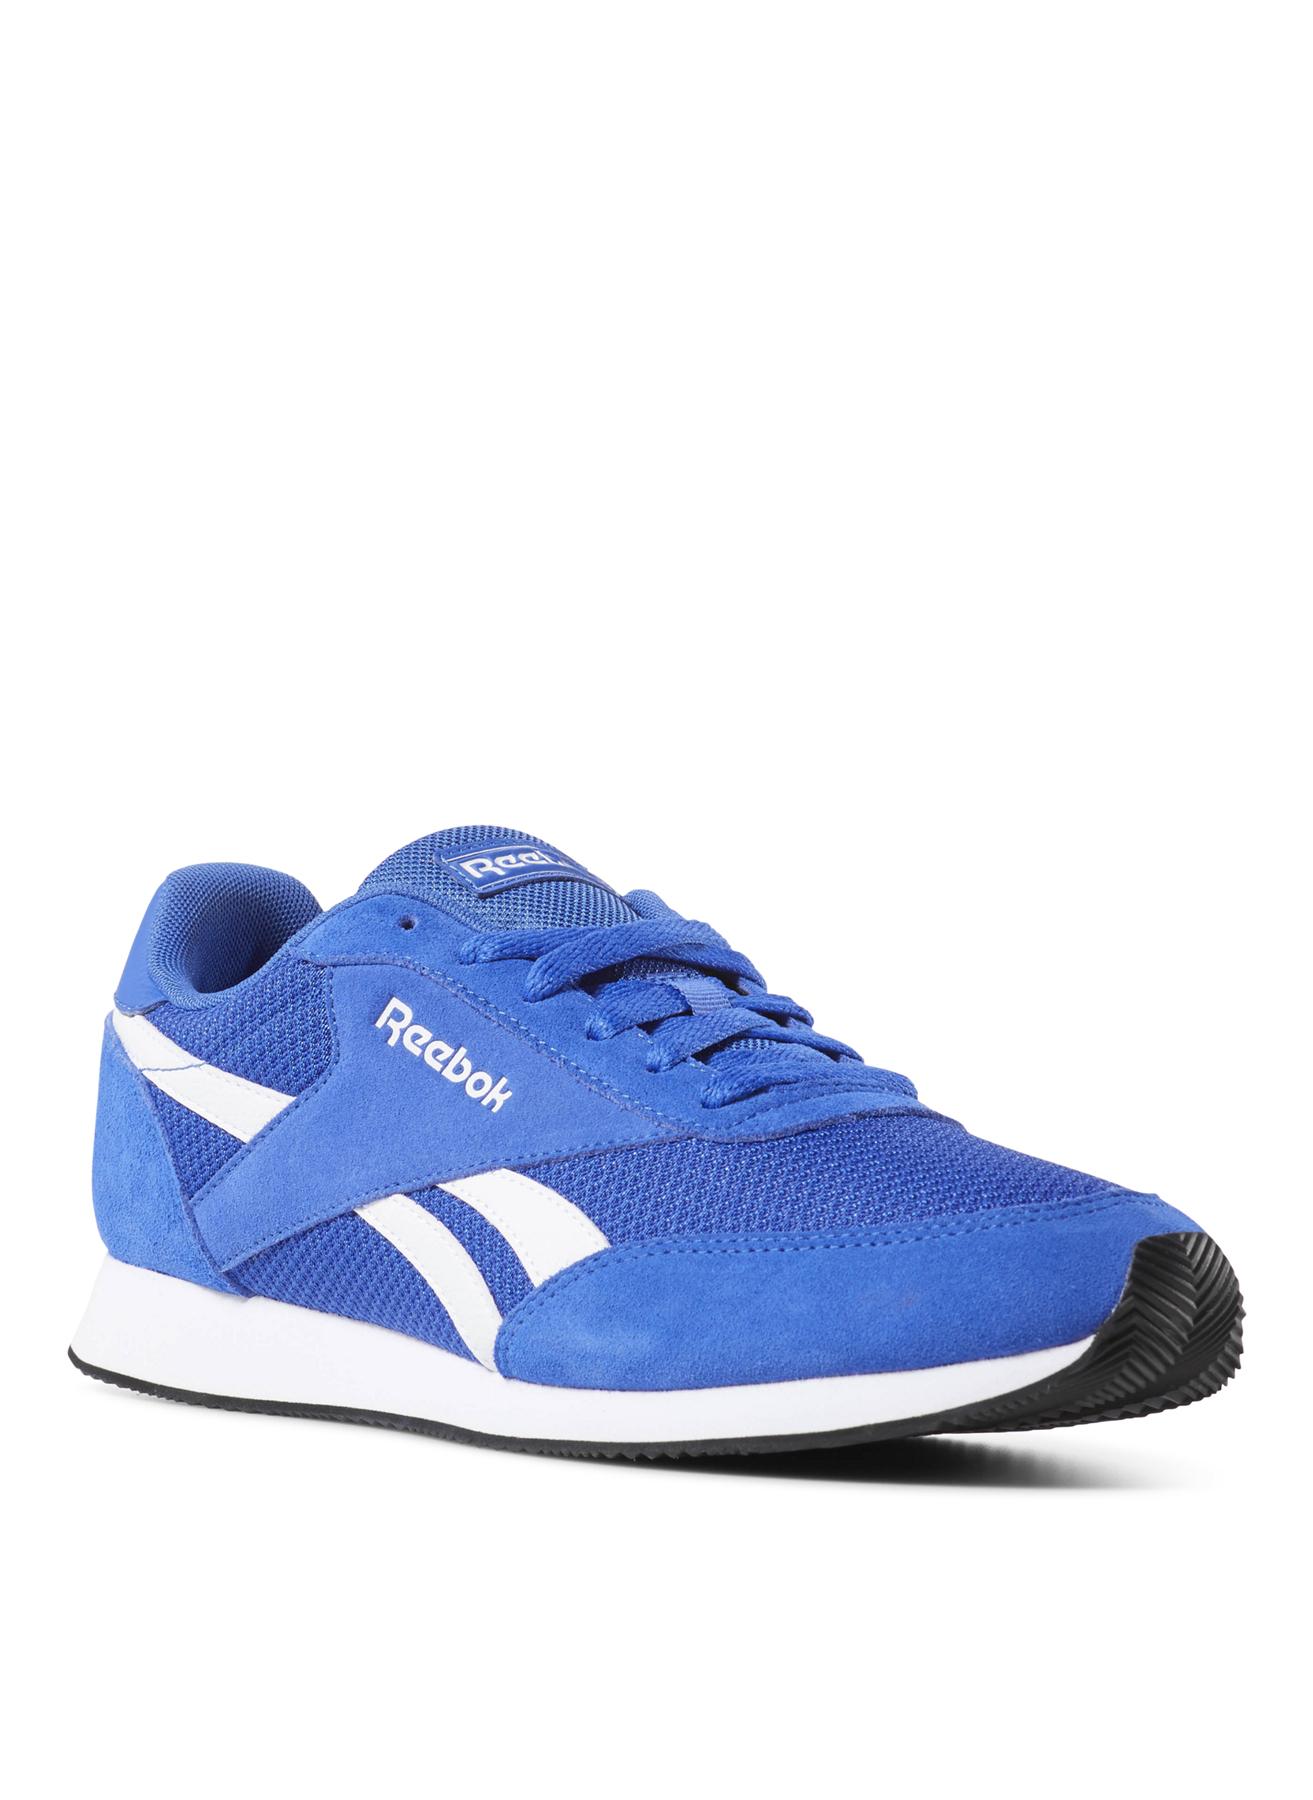 Reebok Lifestyle Ayakkabı 45 5002359645006 Ürün Resmi